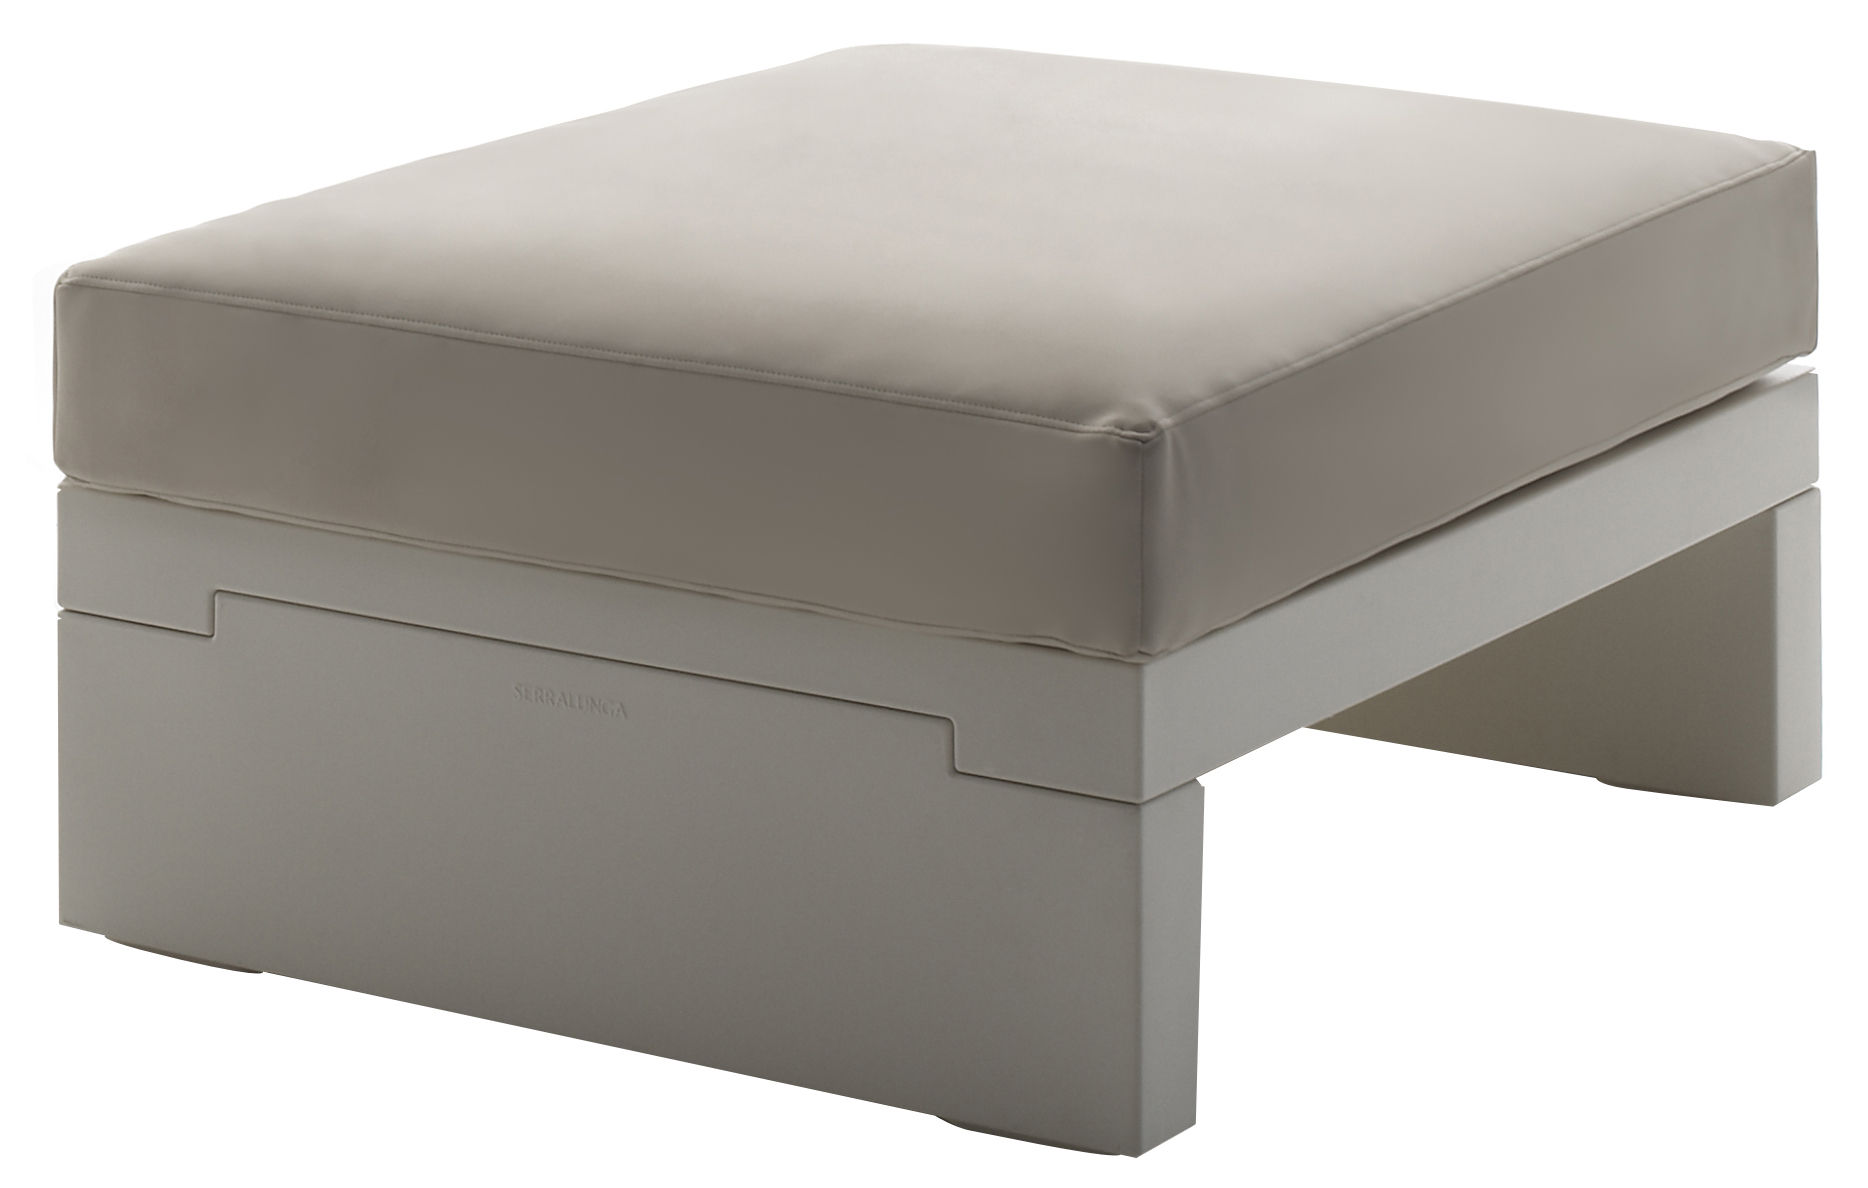 Möbel - Sitzkissen - Bellini Hour Sitzkissen - Serralunga - Gestell elfenbeinfarben / Kissen cremefarben - Gewebe, Polyäthylen